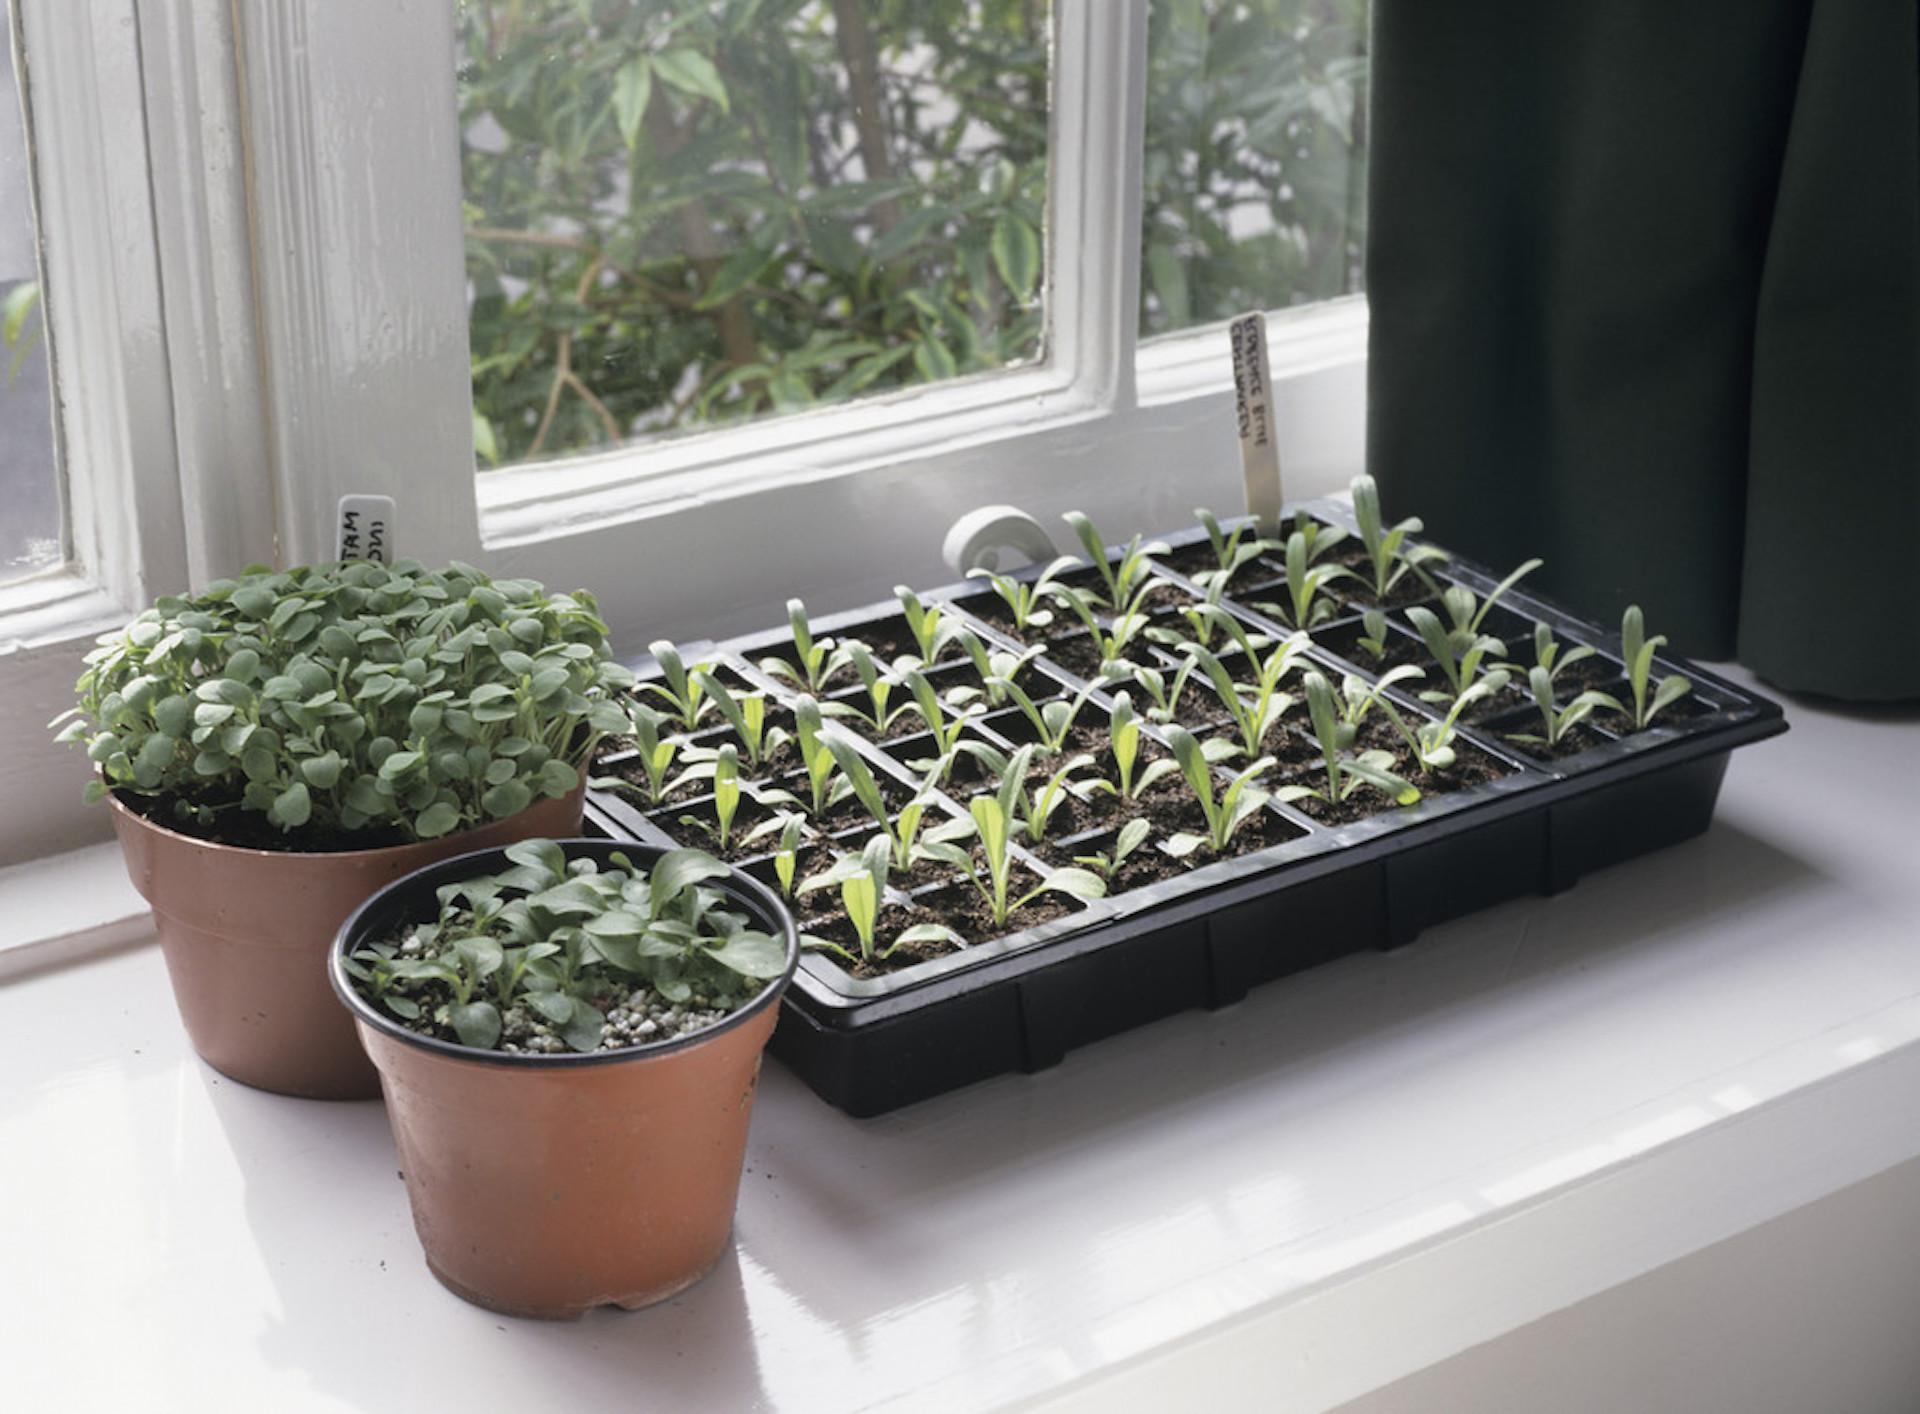 Semis poussant dans des plateaux et des pots sur un rebord de